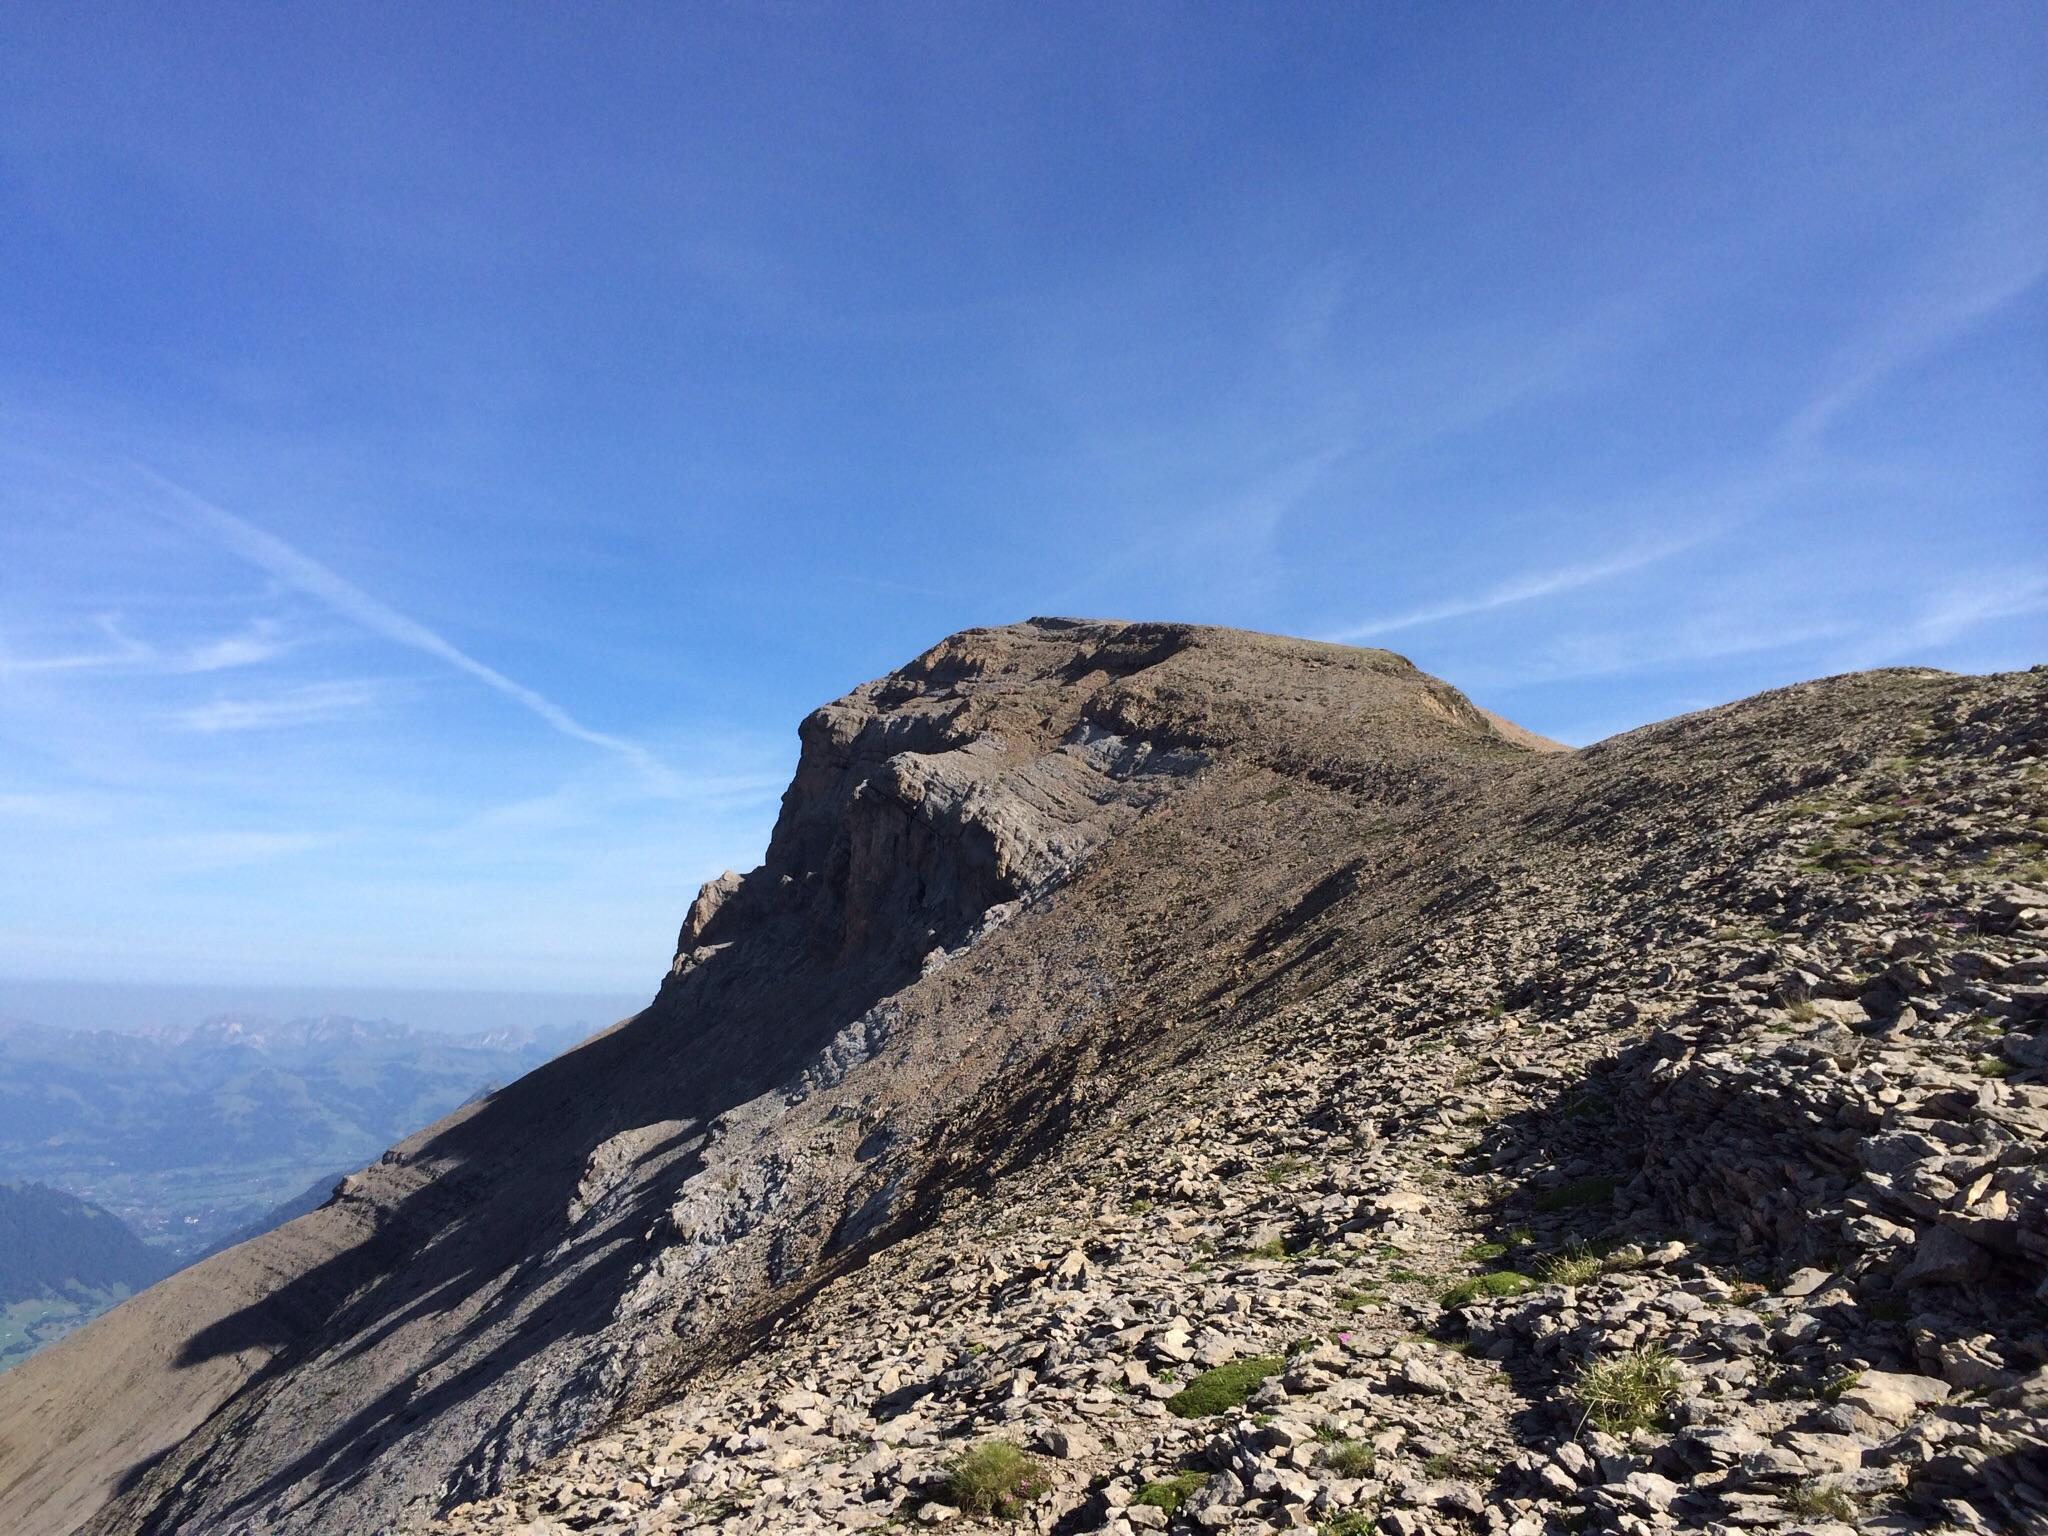 Die letzten Meter zum Gipfelplateau des Niesehorns